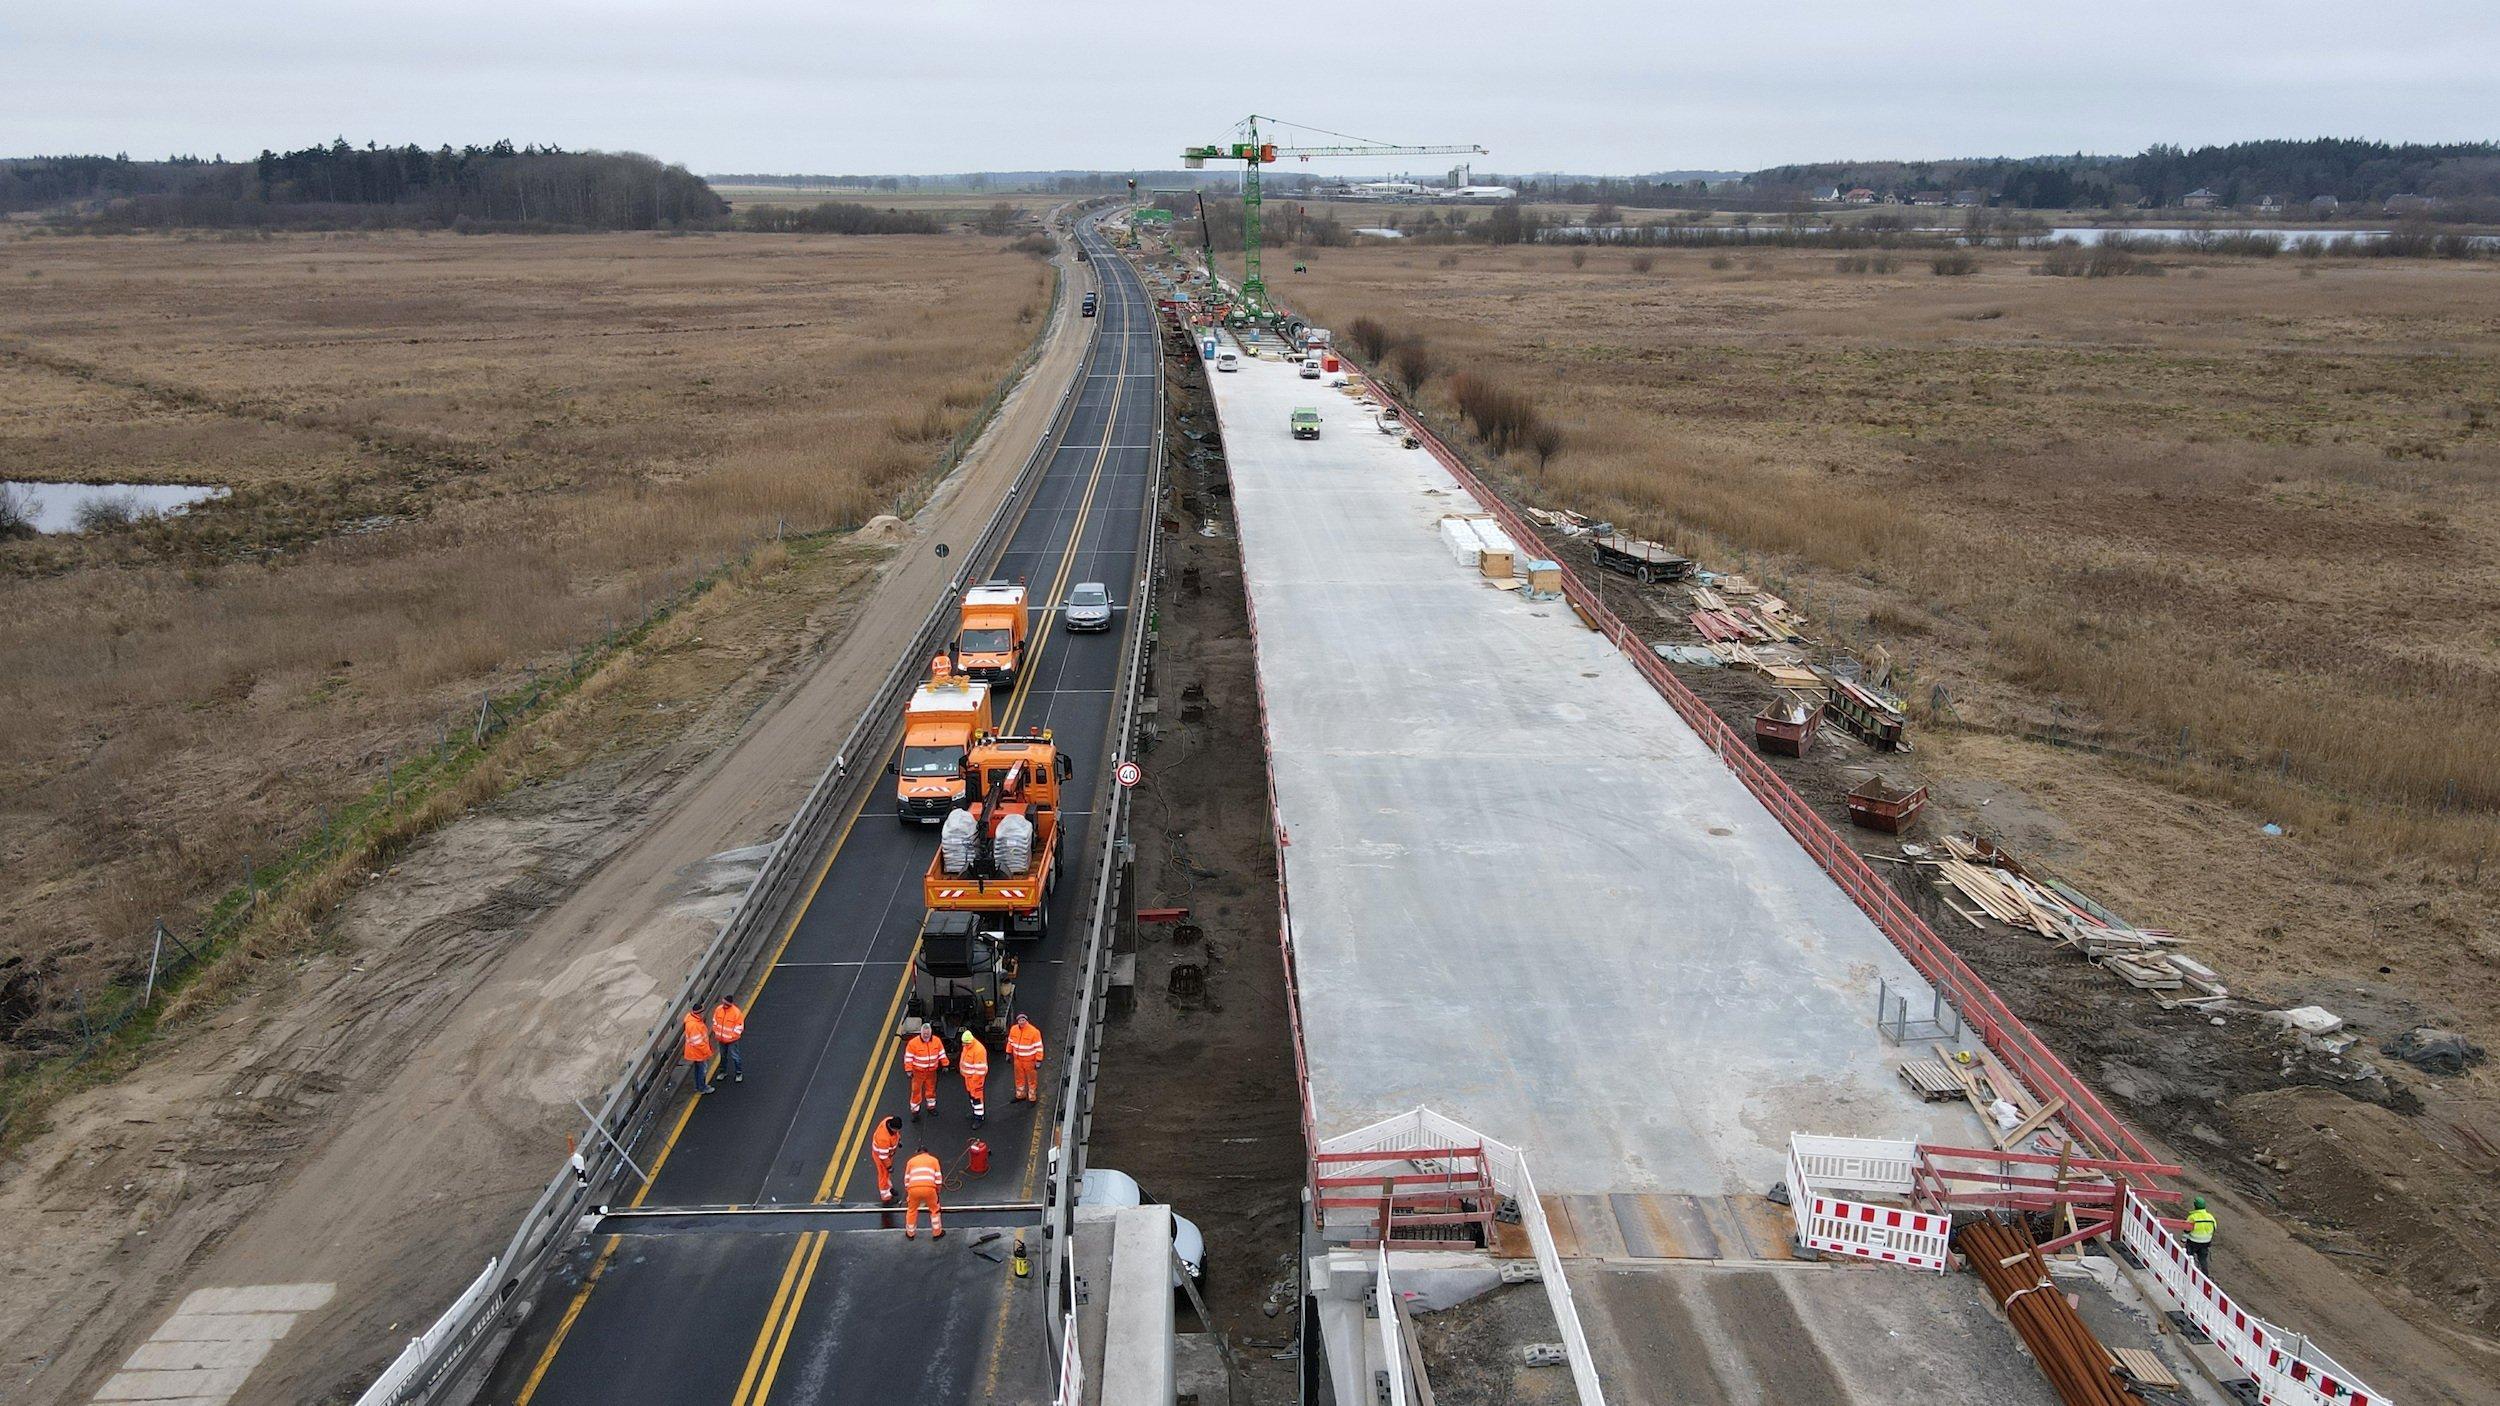 Autobahnbaustelle: Die Trasse verläuft mitten durchs Moor.